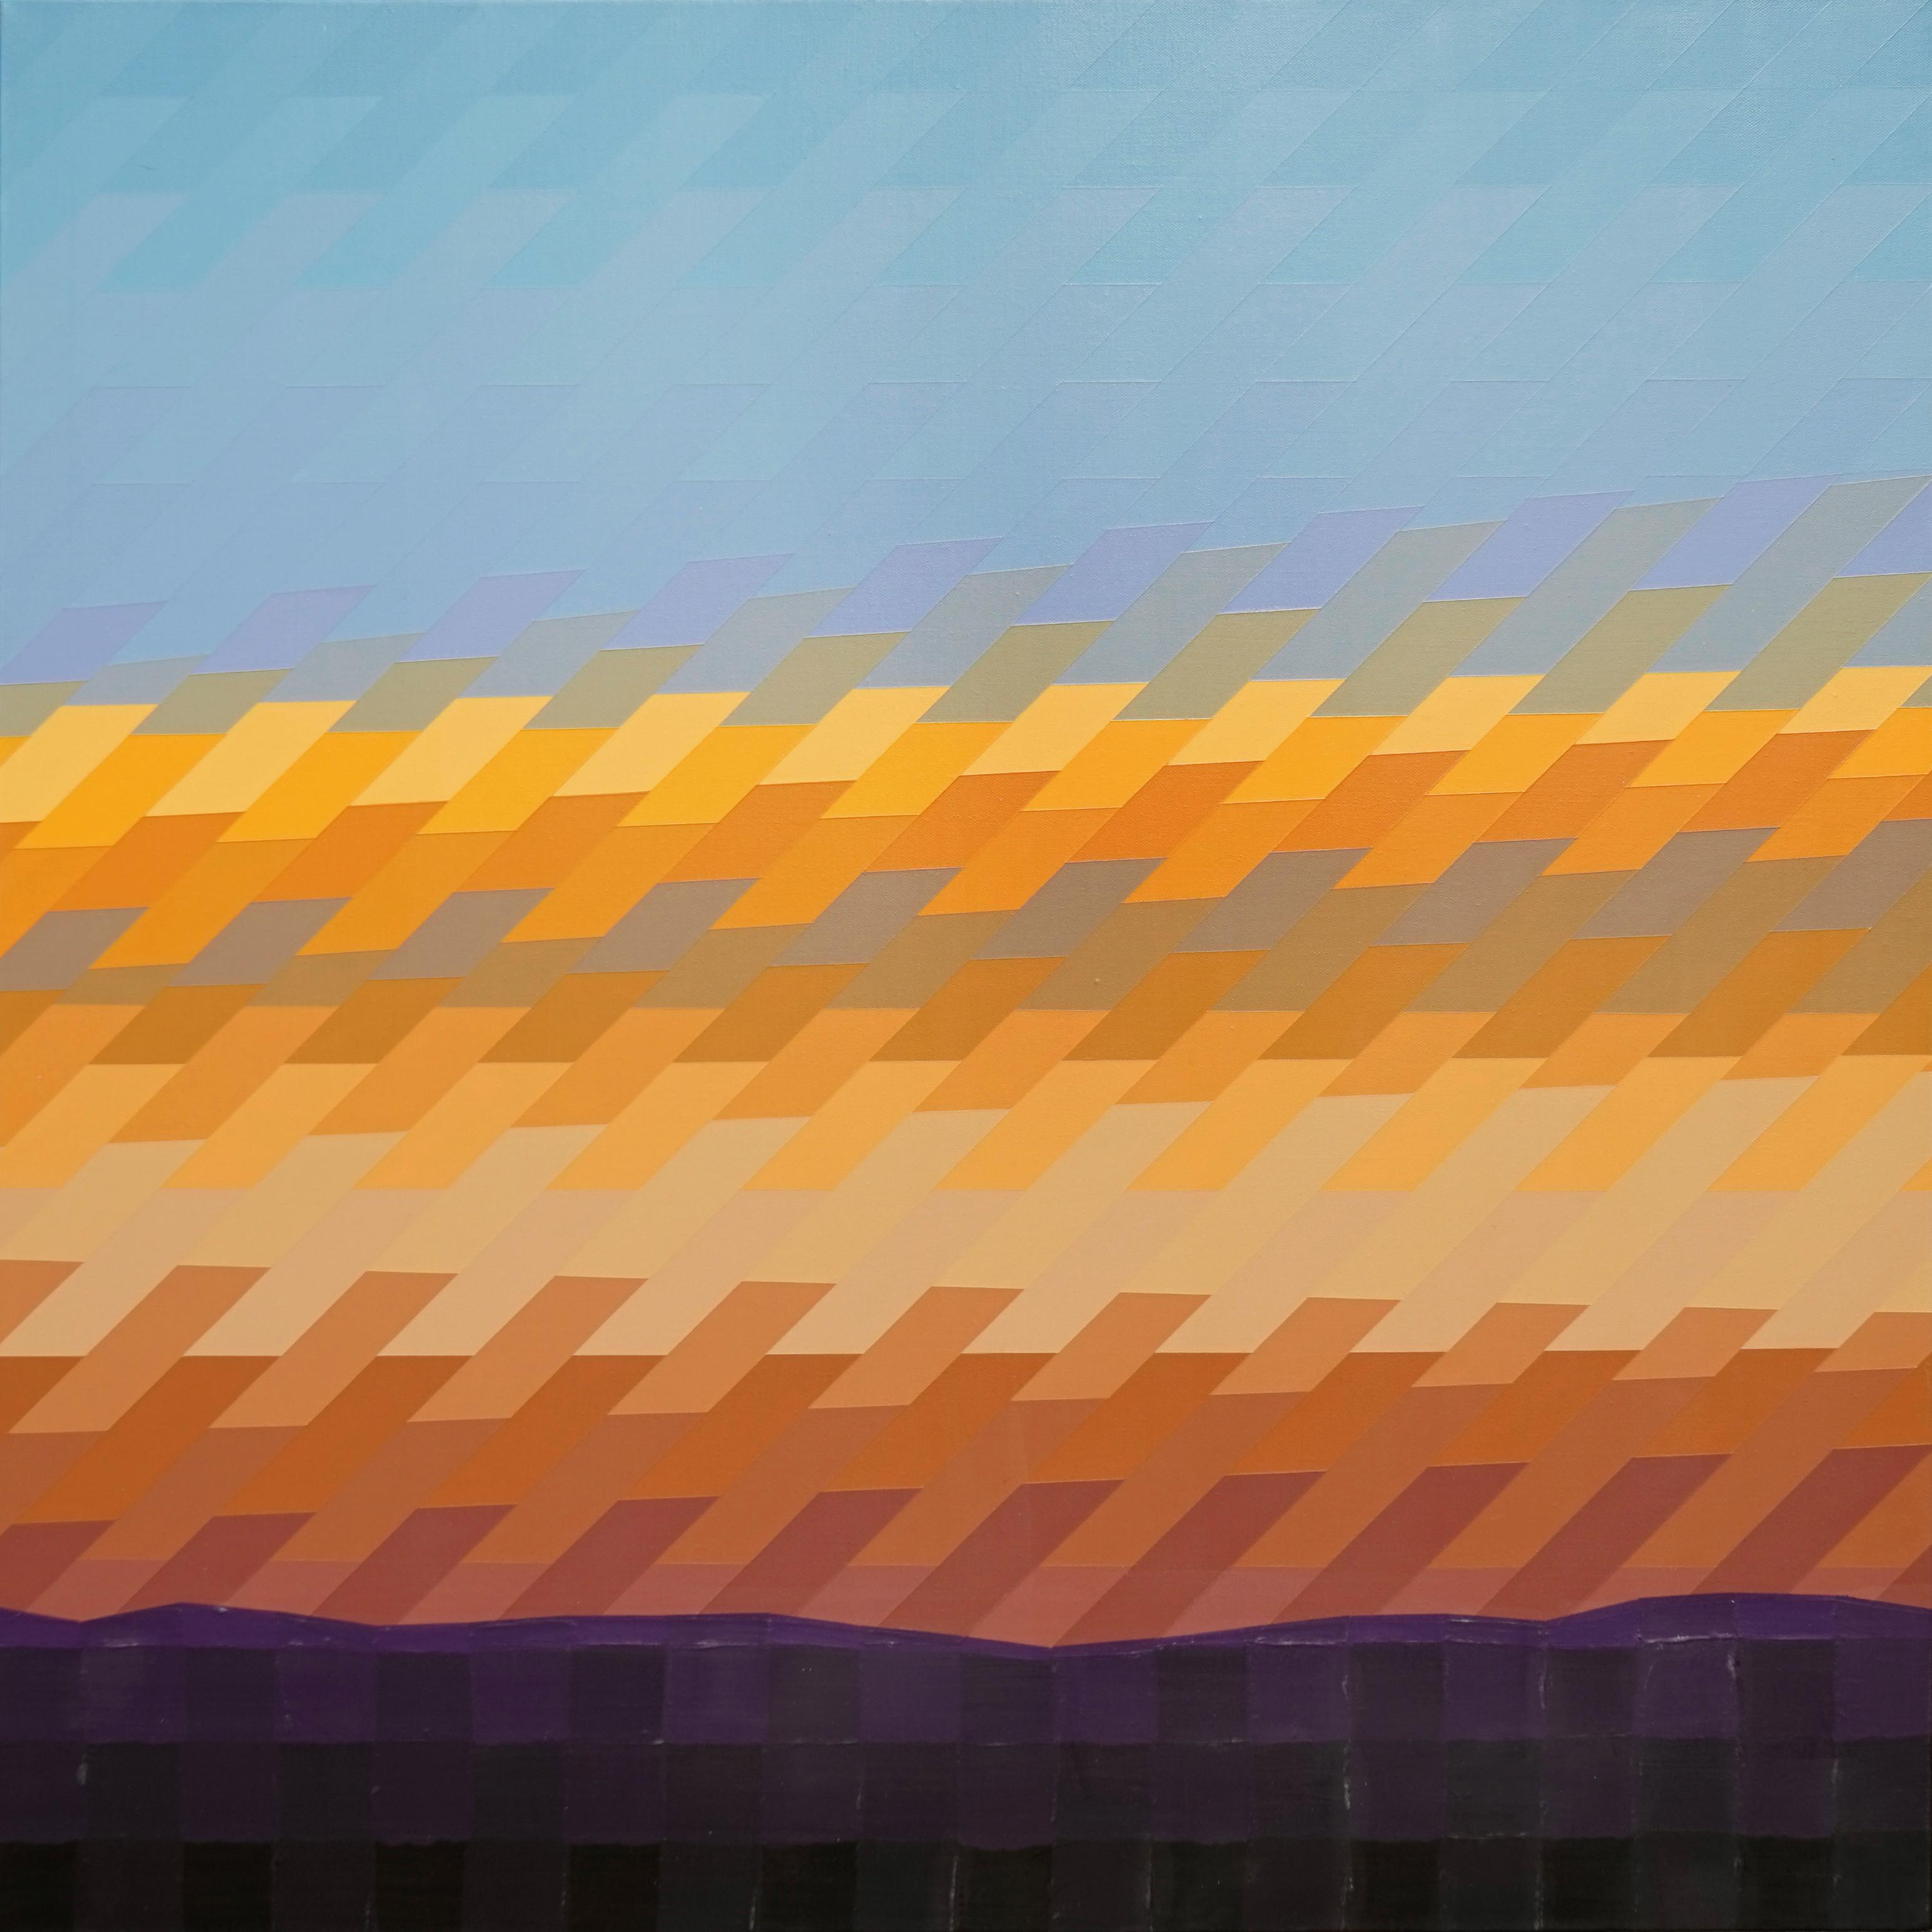 전영진, Painting for painting 16no02